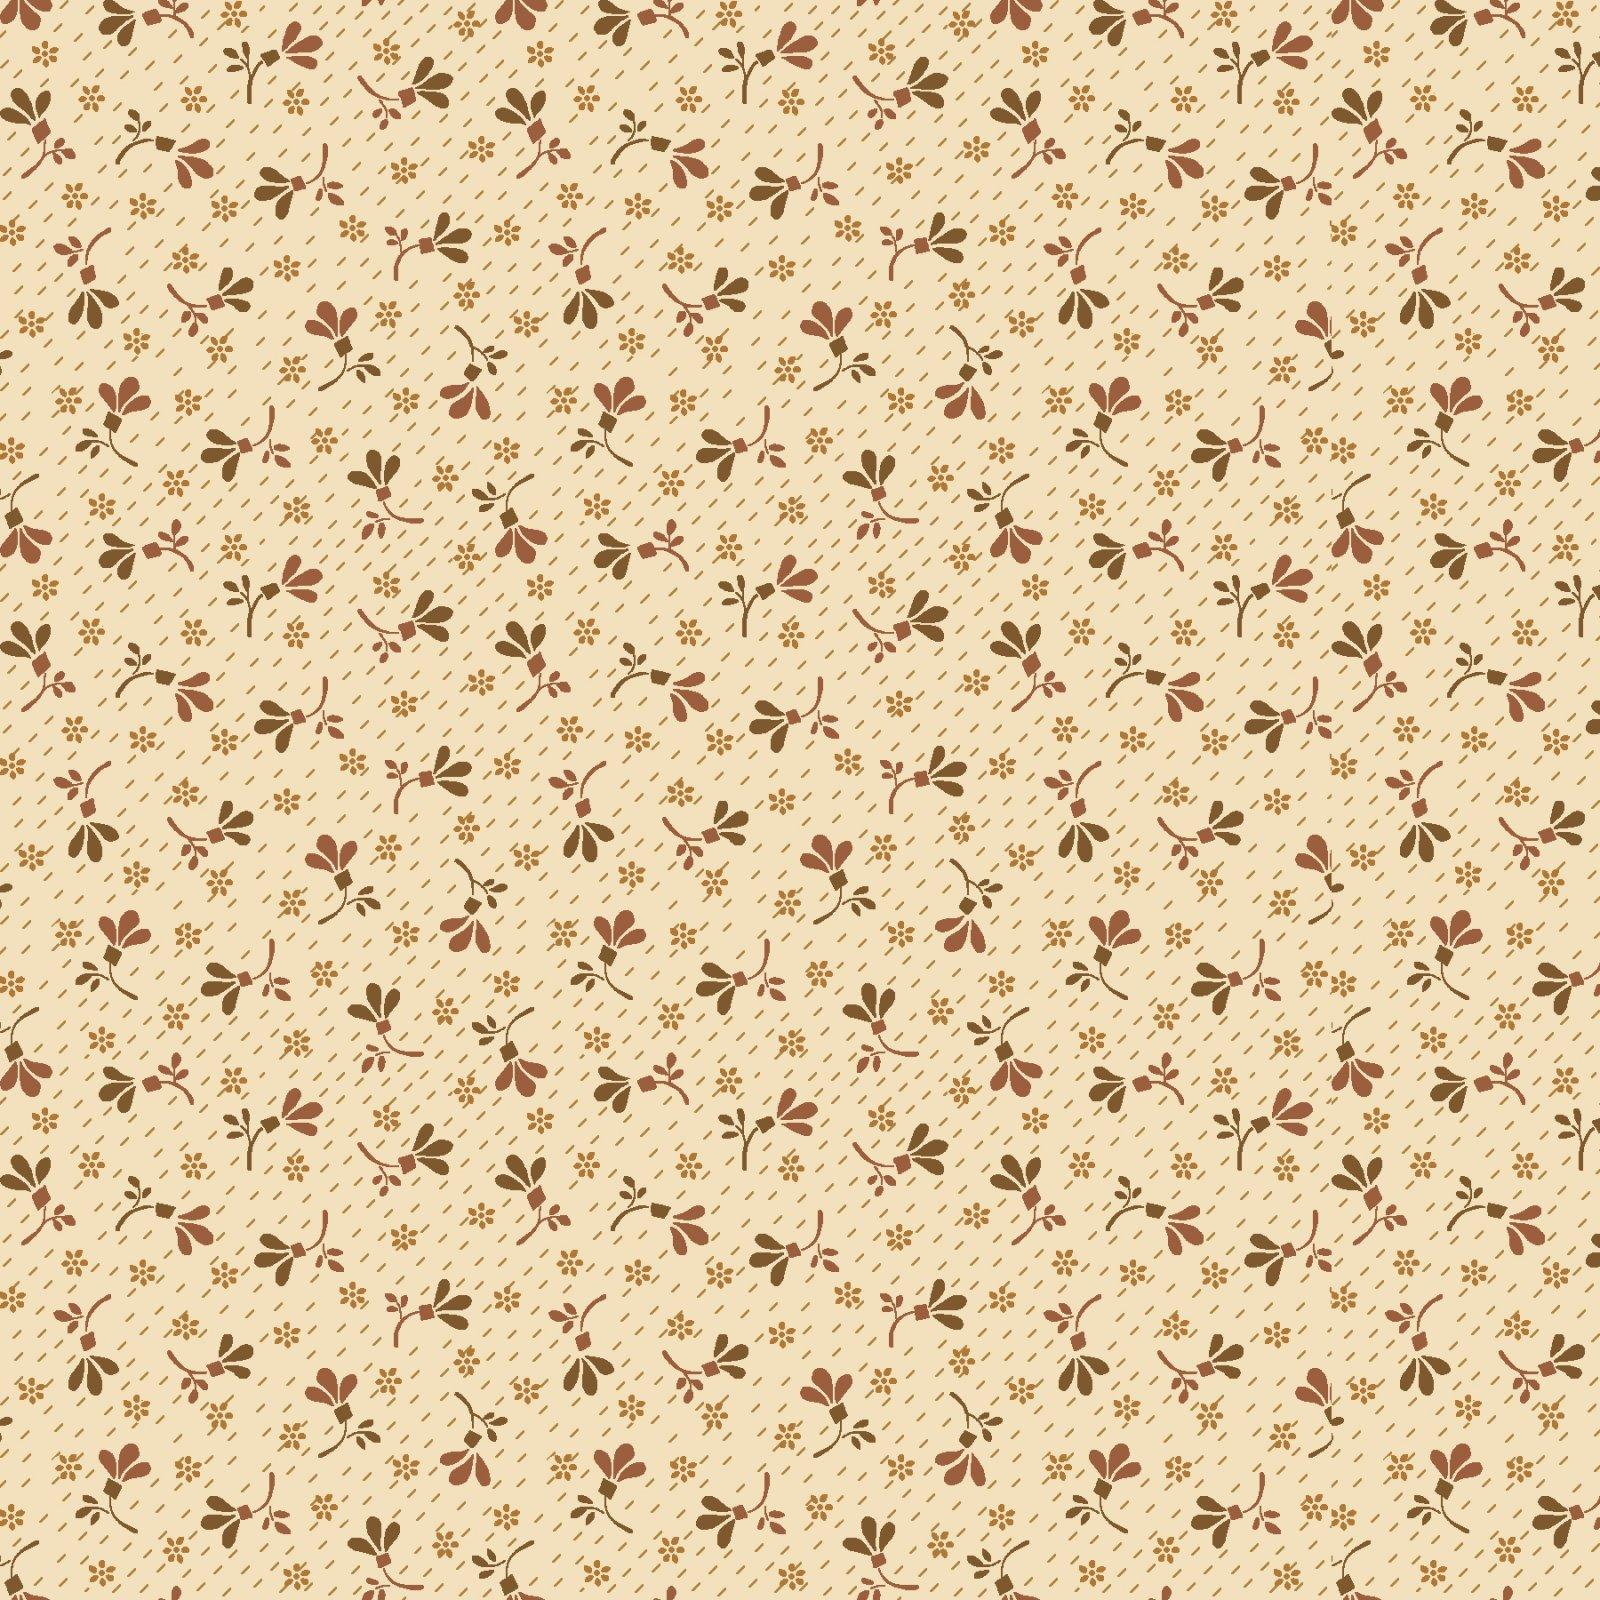 Buttermilk Blossoms  - 2108-33 * 1/2 yard